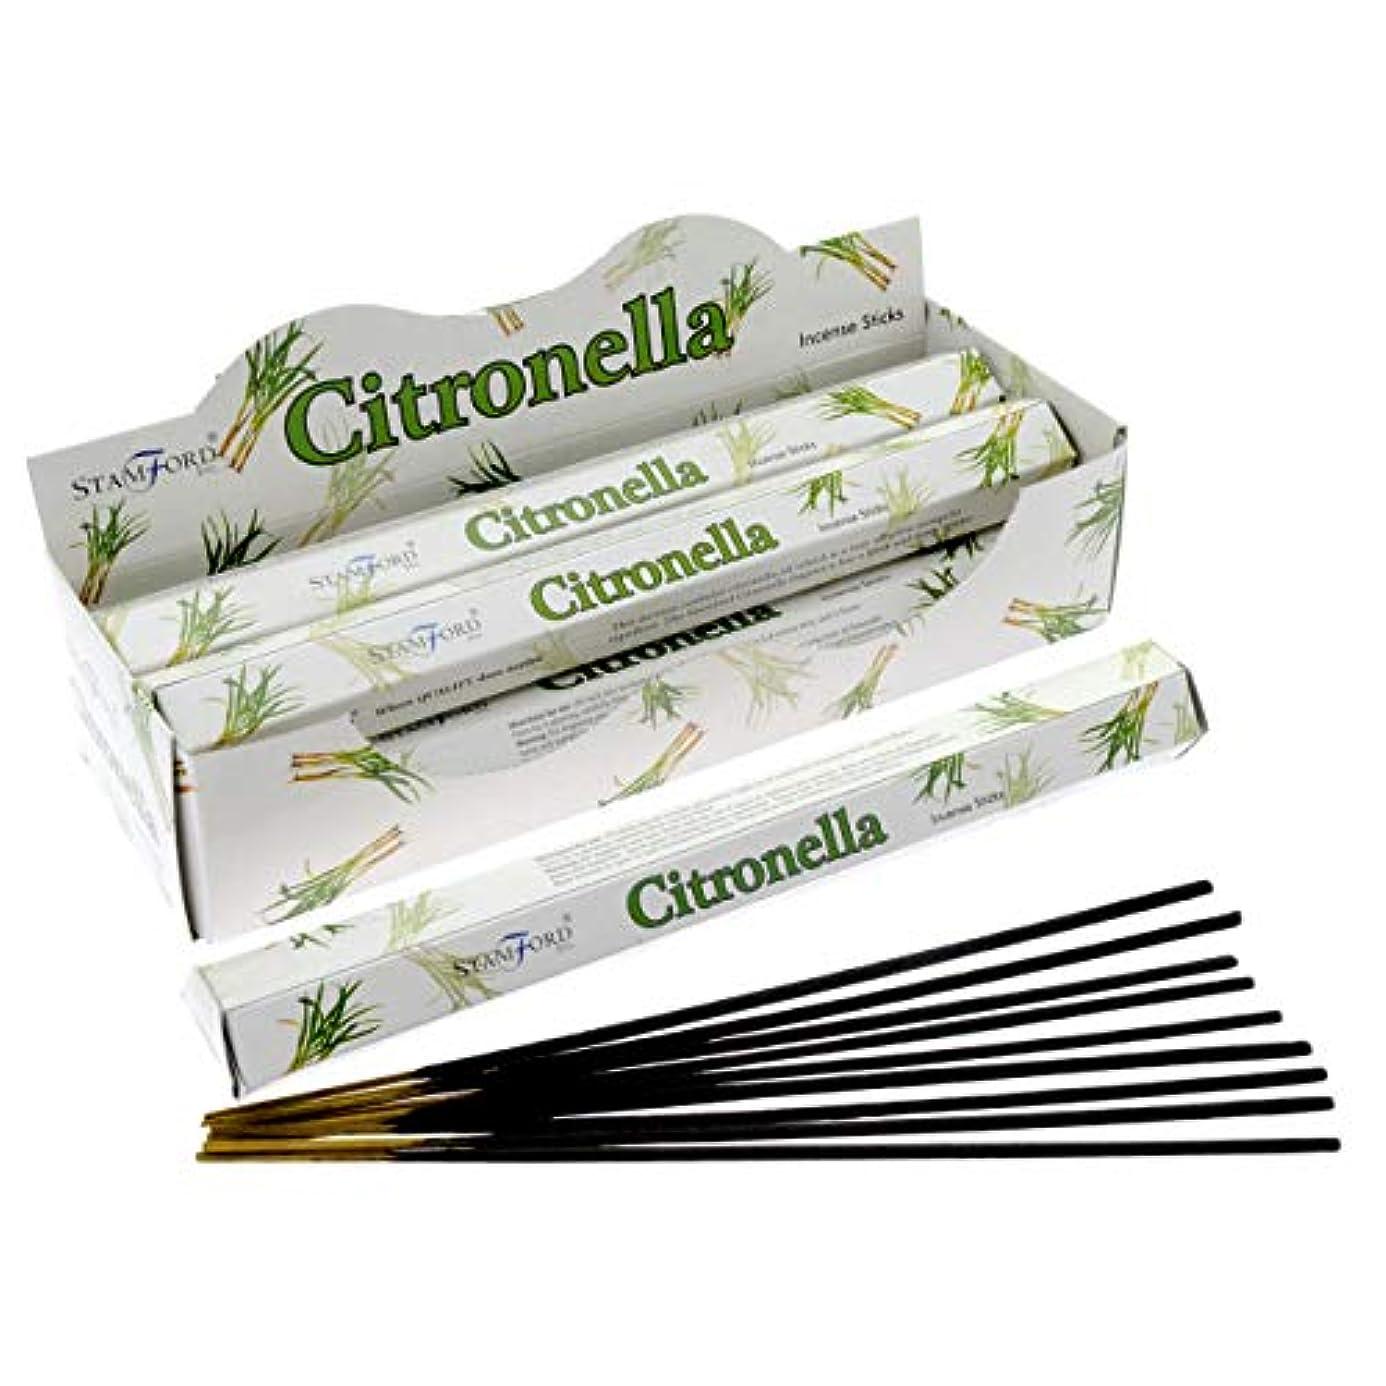 ミサイル信条ガイドラインStamford Citronella Incense Sticks (Whole Case) by Stamford